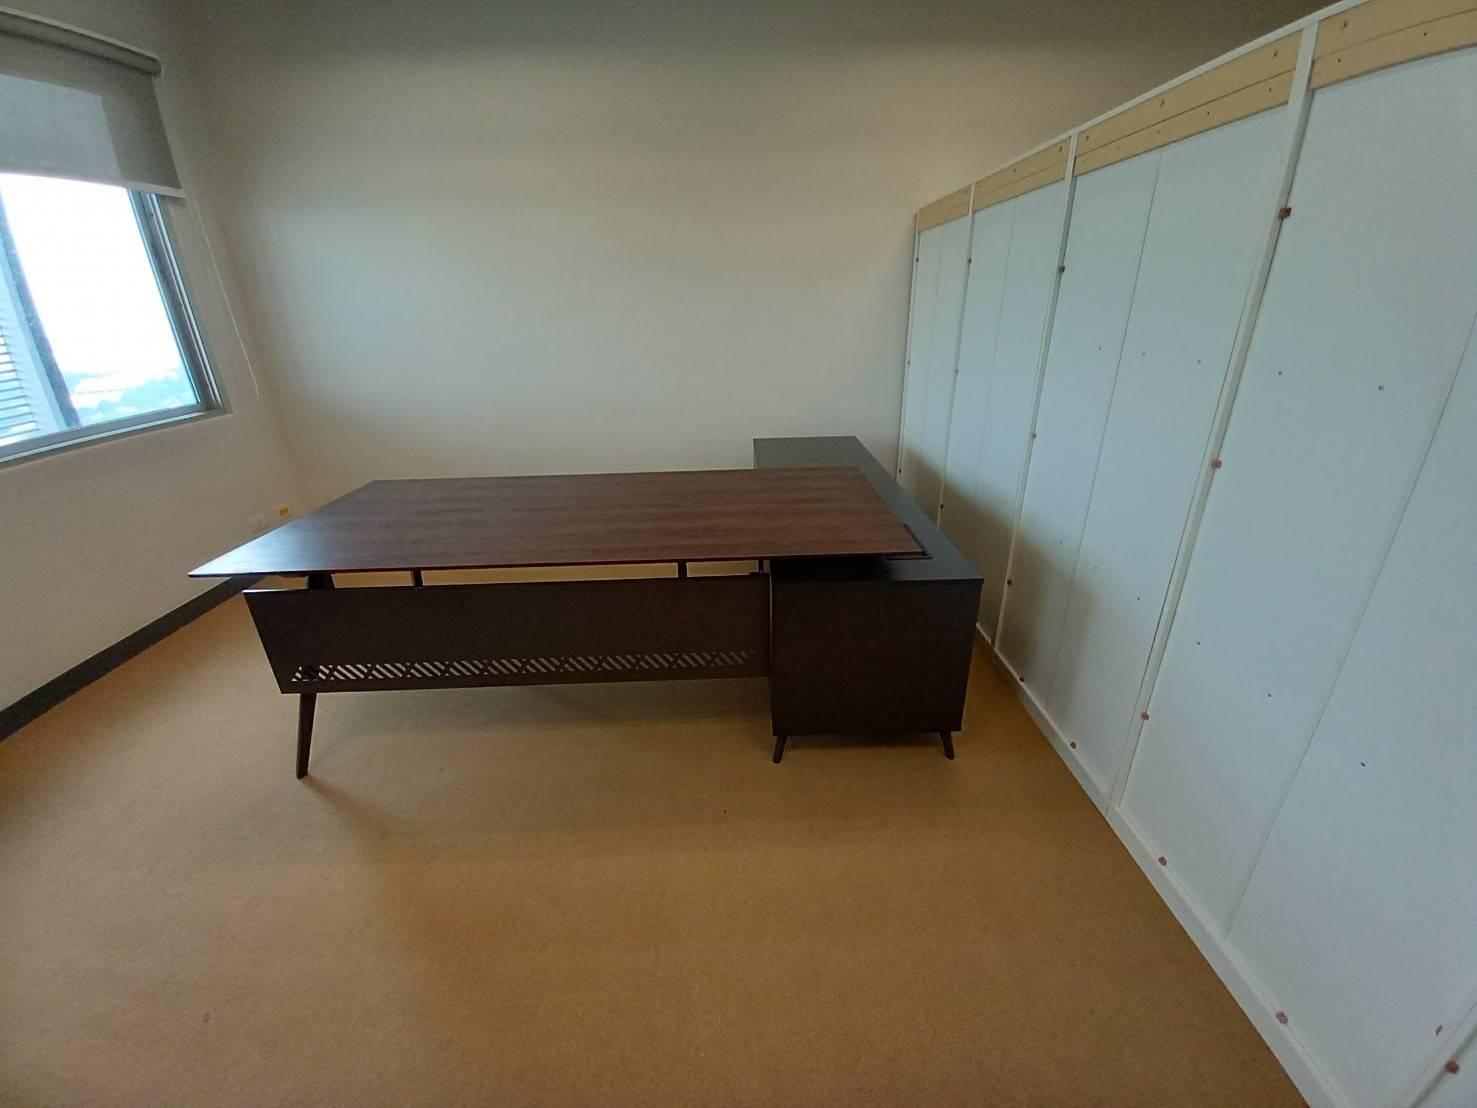 ช่างเฟอร์นิเจอร์ ติดตั้งโต๊ะสักนักงาน ทรงตัวแอล